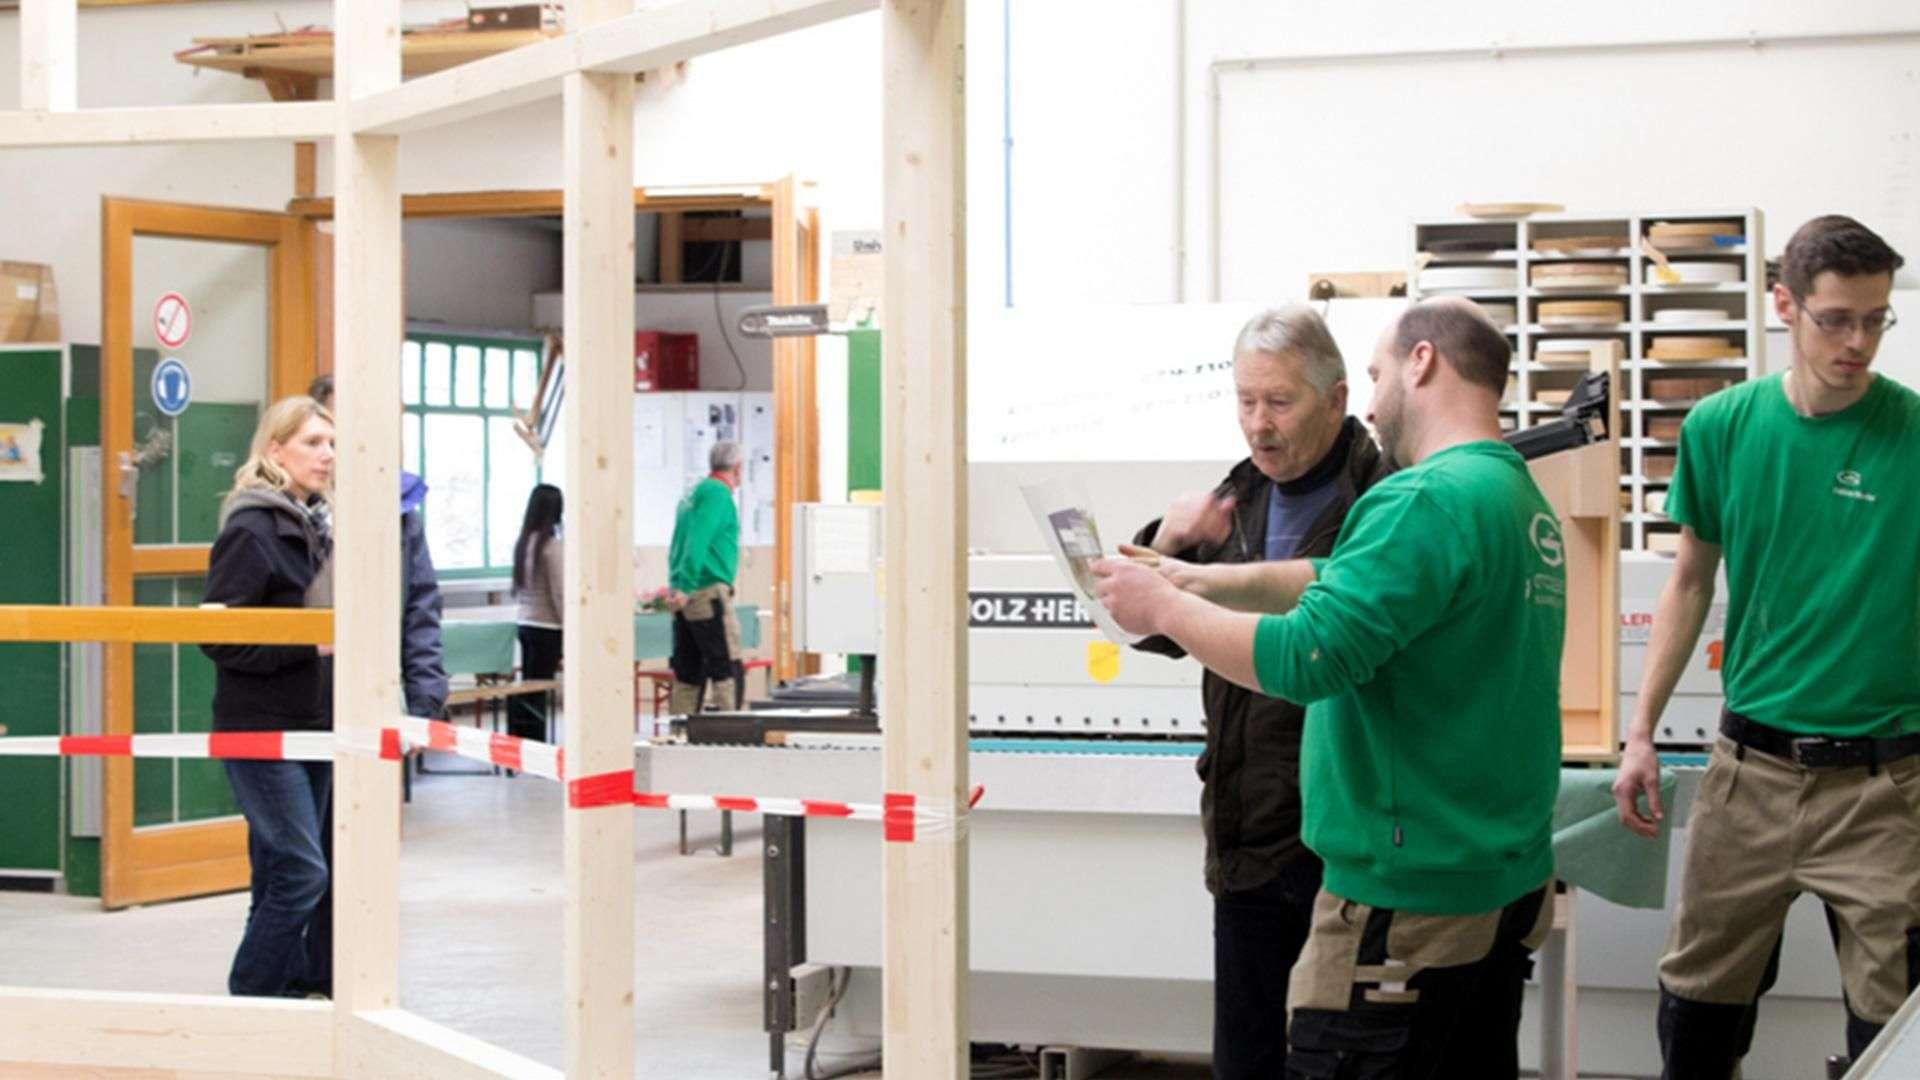 mehrer Personen und Mitarbeiter in der Ausstellung der Tischlerei Gleue in Lindwedel